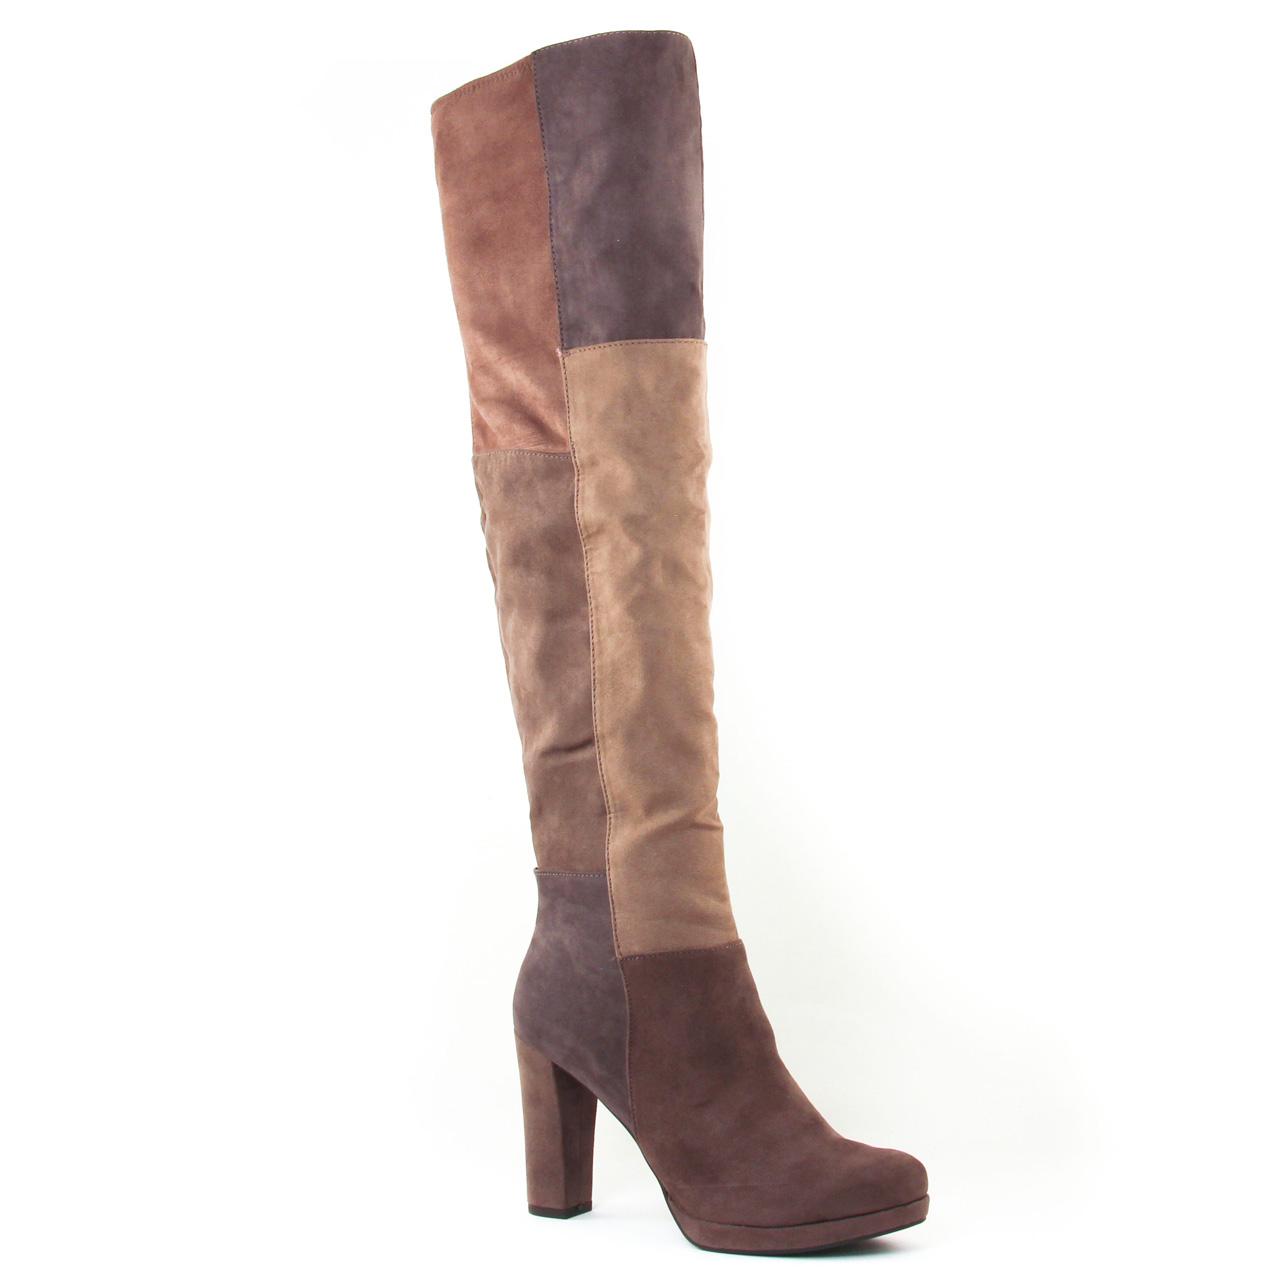 a19811ad83f1d bottes-cuissardes beige multi  même style de chaussures en ligne pour  femmes que les